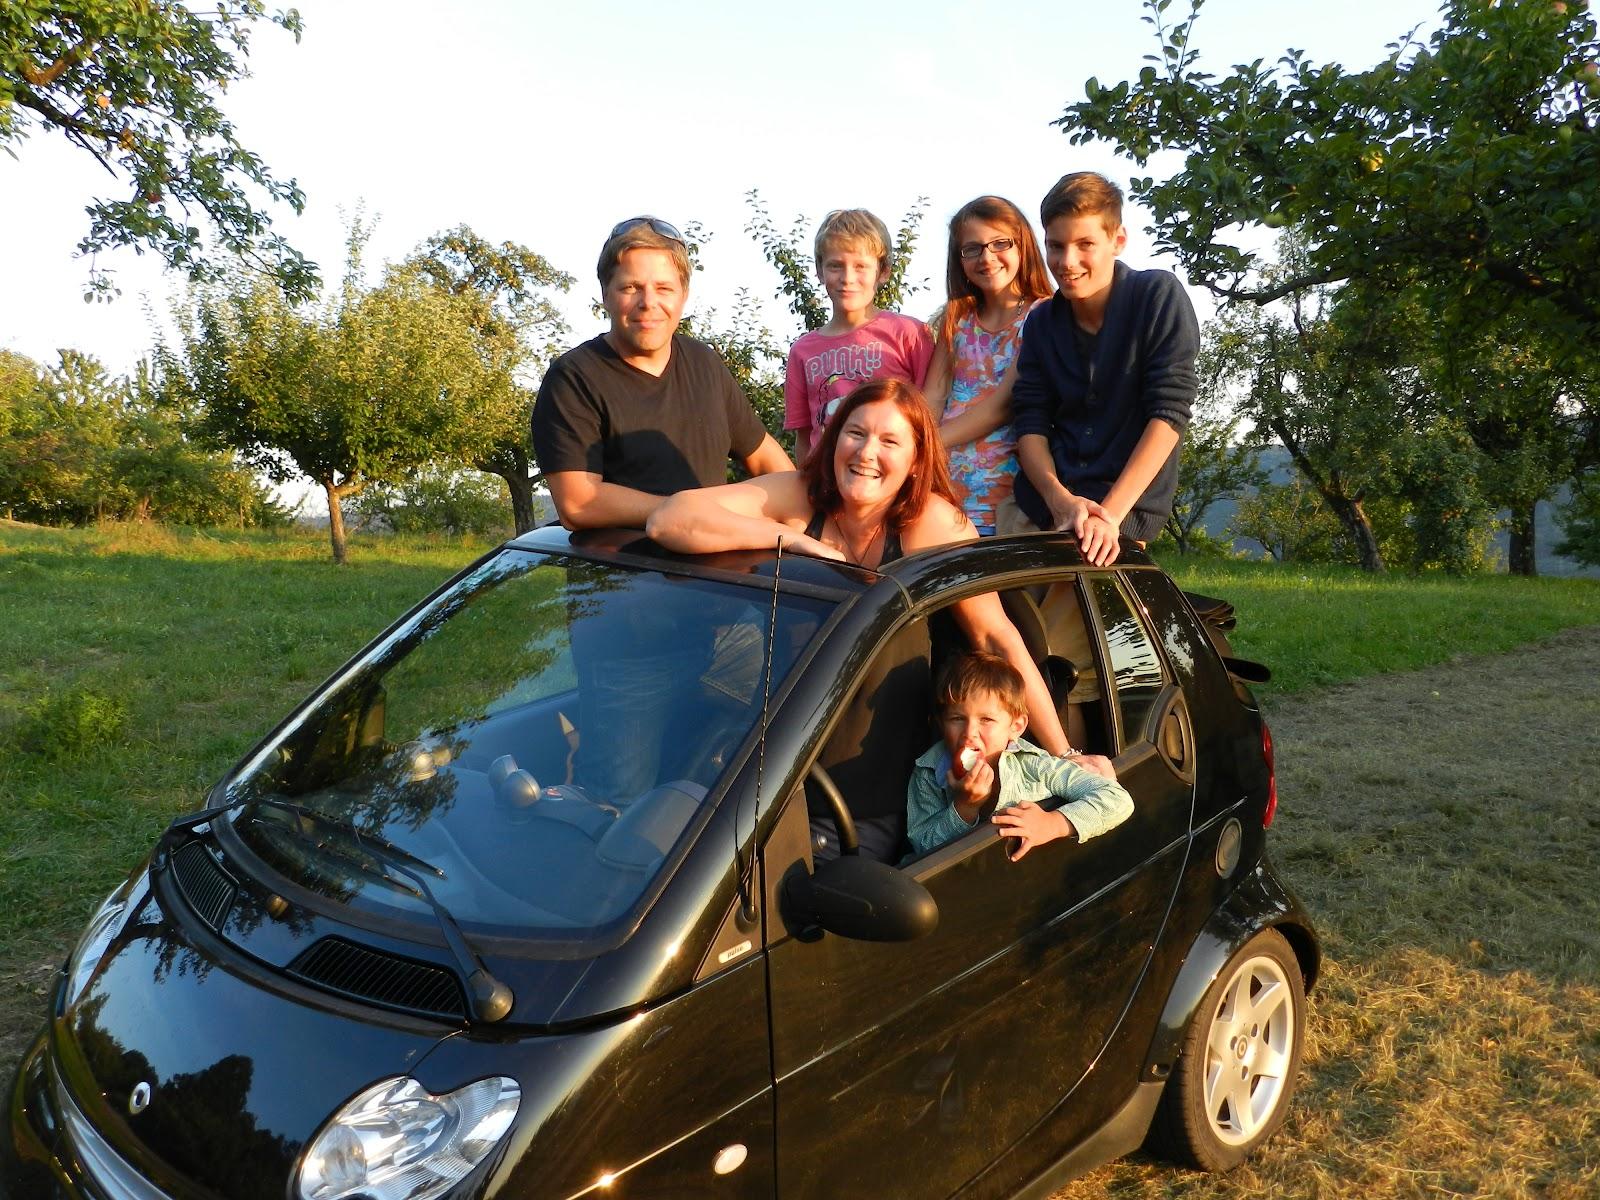 Quelques voitures qu'on se plairait bien à rouler en famille